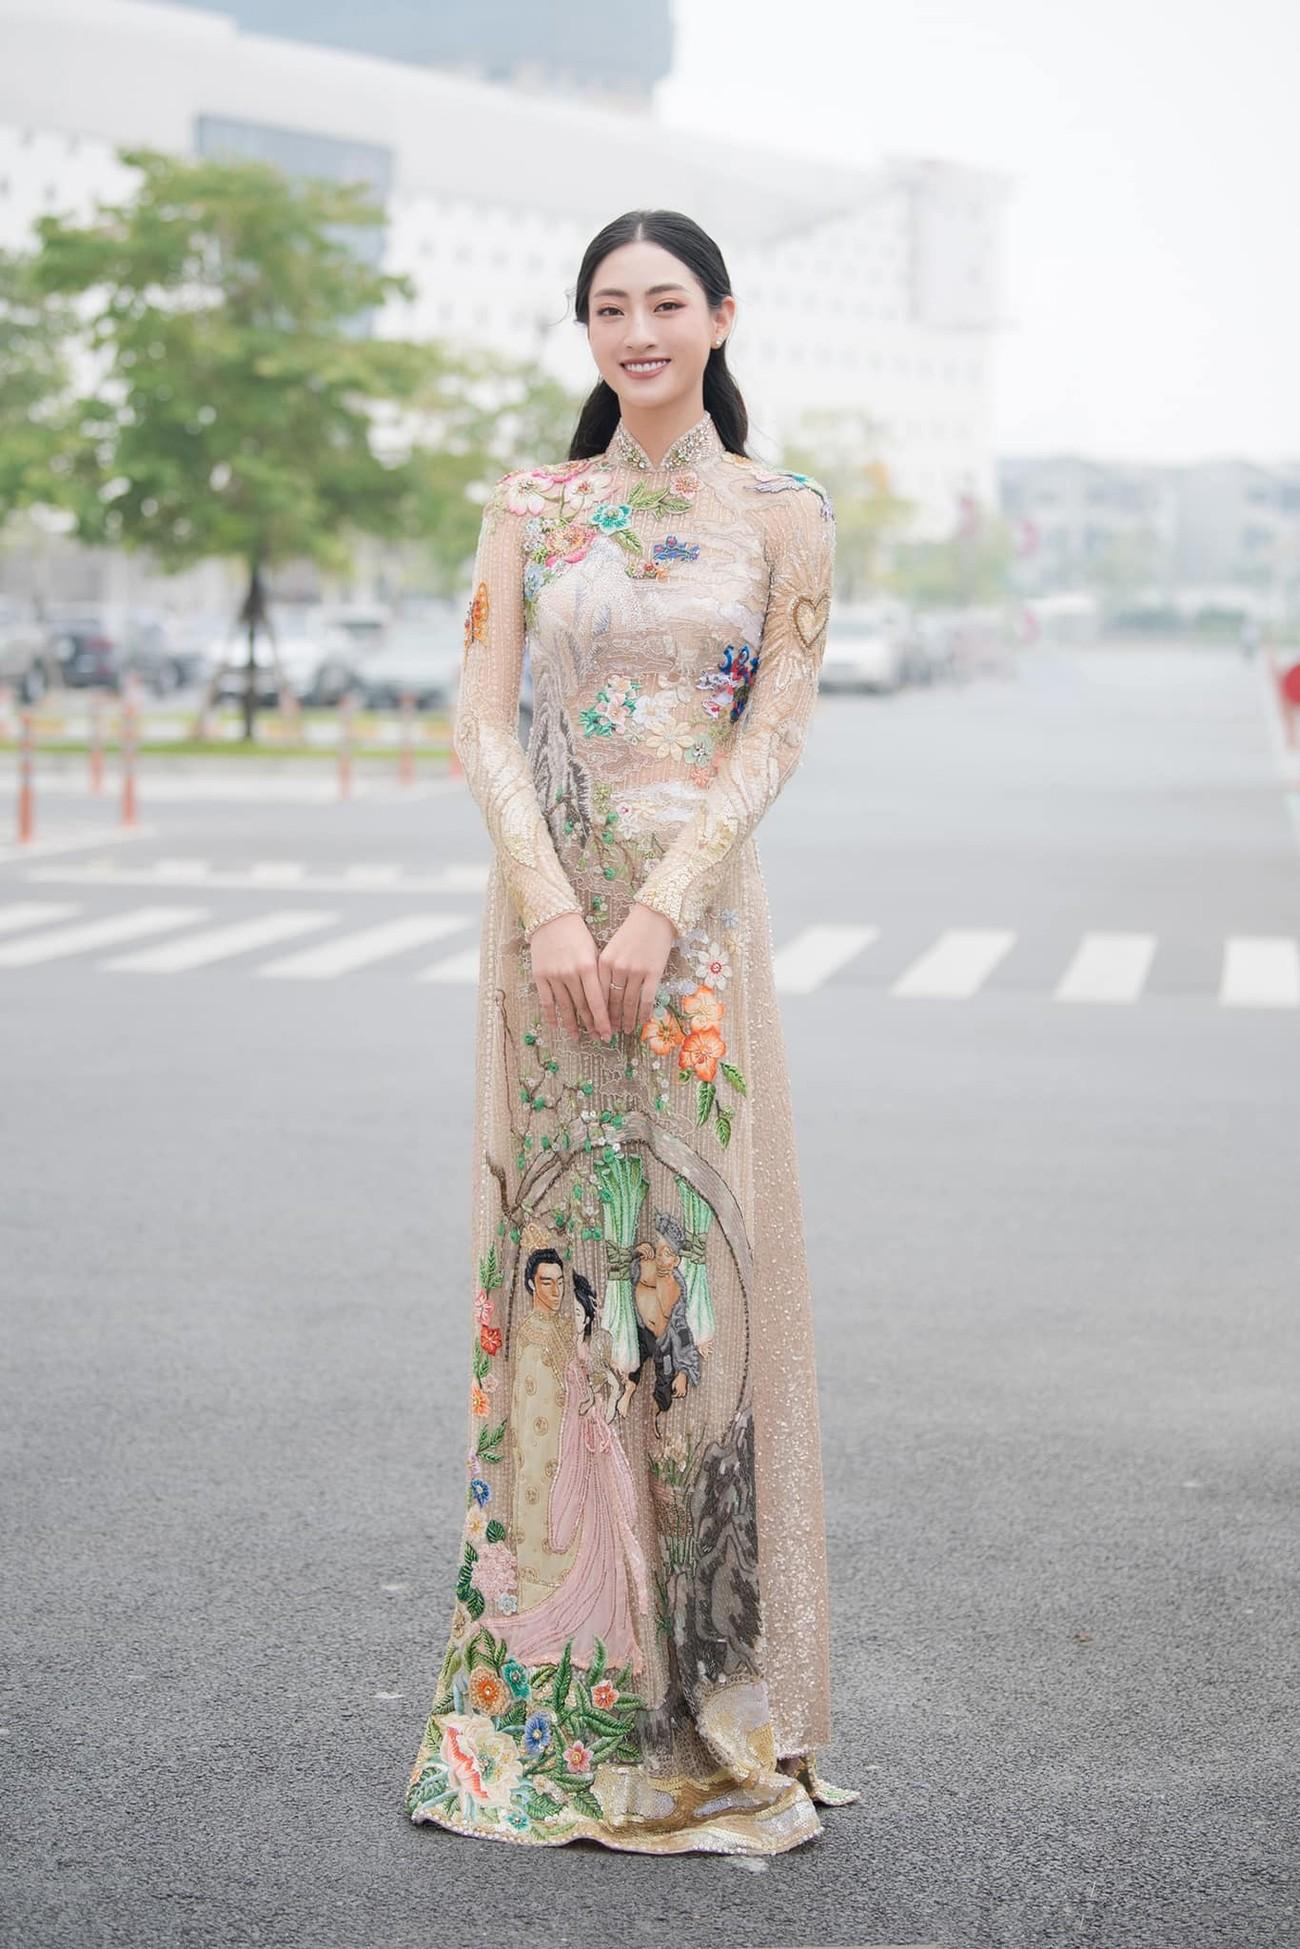 Hoa hậu Thuỳ Dung tái xuất xinh đẹp, Lương Thuỳ Linh diện áo dài đính kết lạ mắt ảnh 3